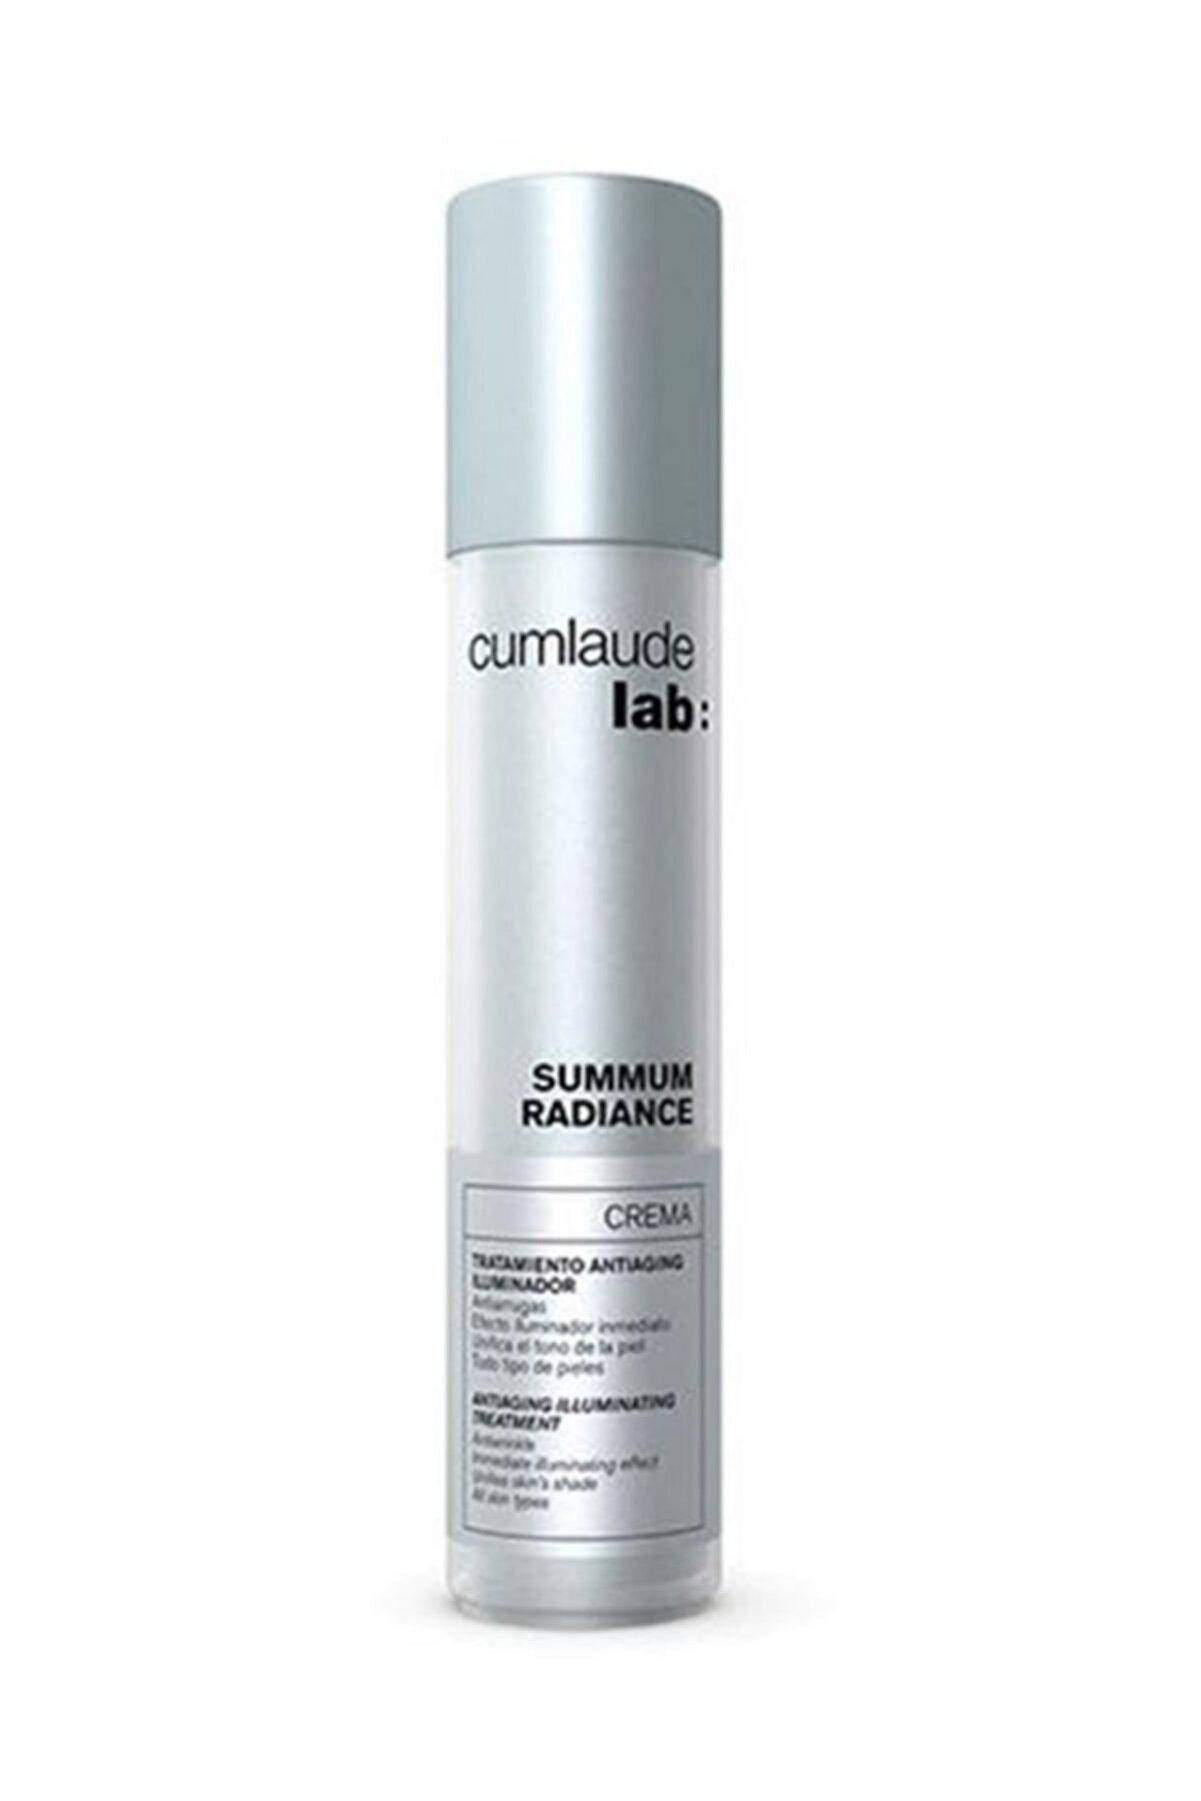 cumlaude lab Summum Radiance Crema 40 Ml Leke Kremi